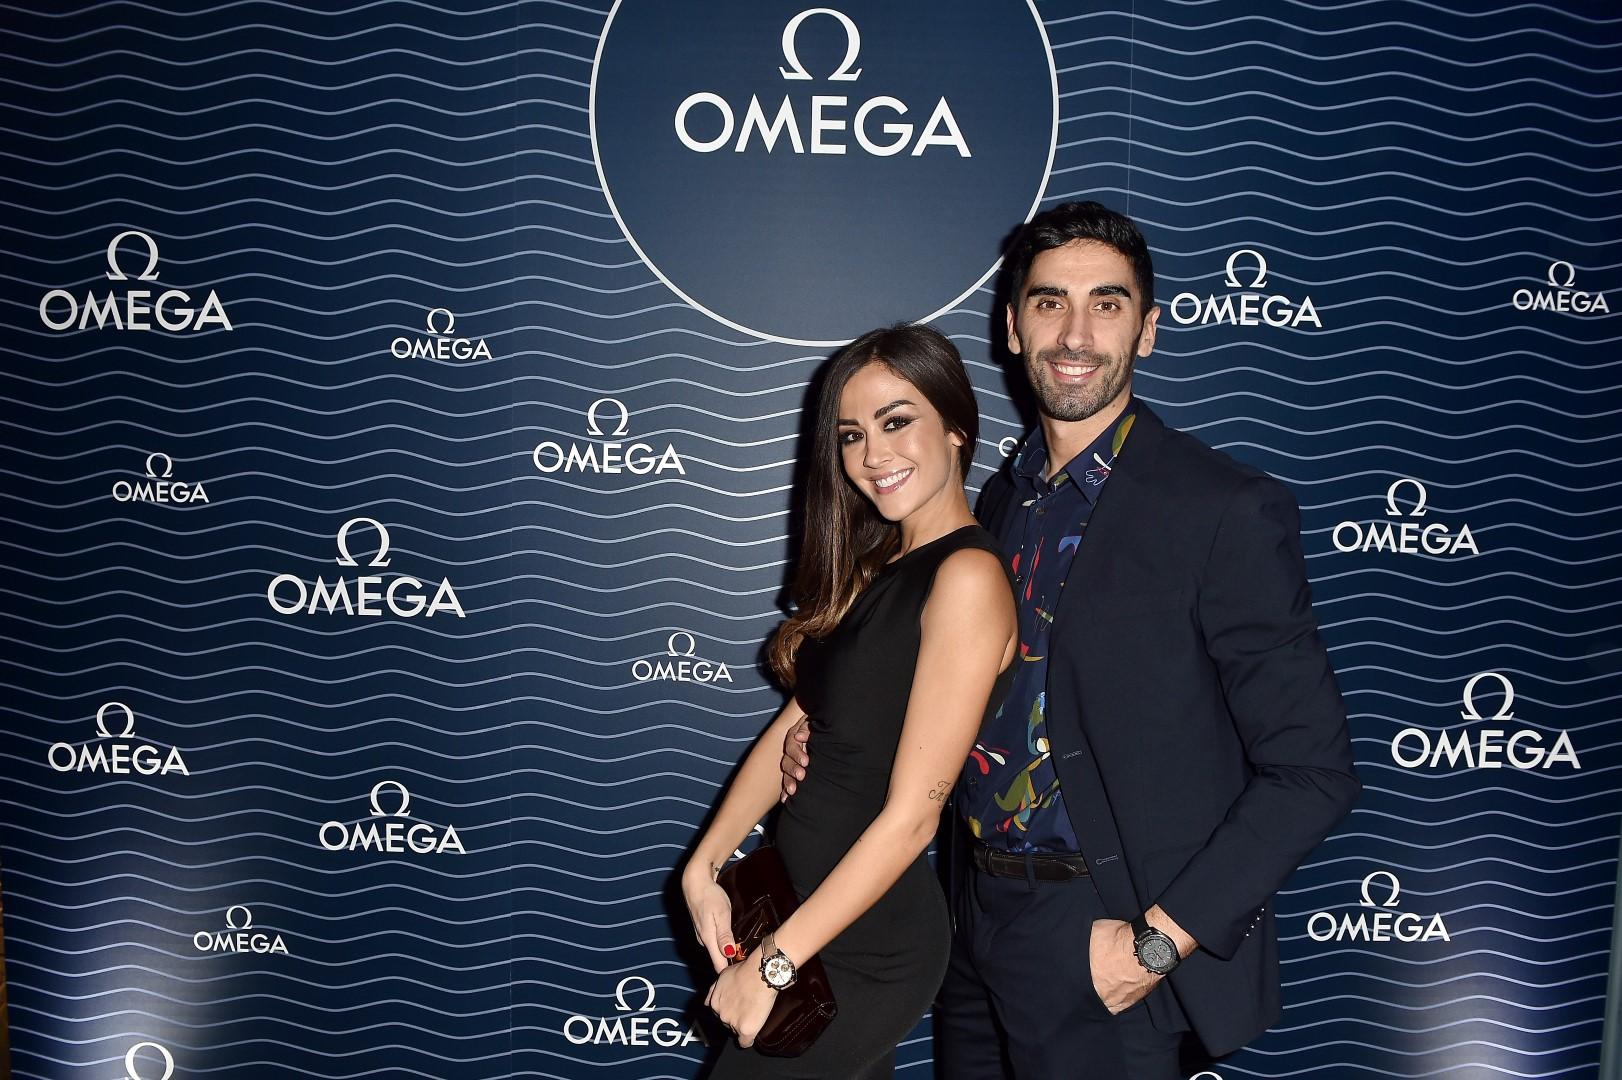 Omega Seamaster Diver 300M 2018